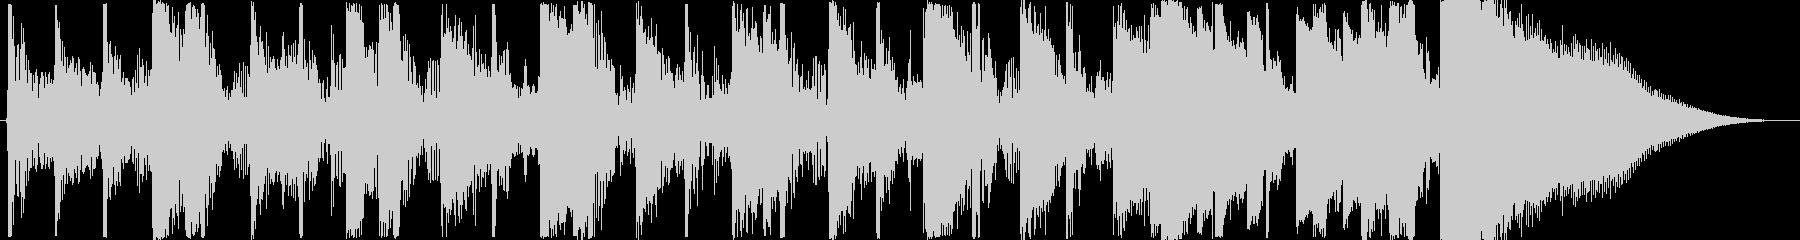 【生演奏ギター】ダンディブルースEDOPの未再生の波形